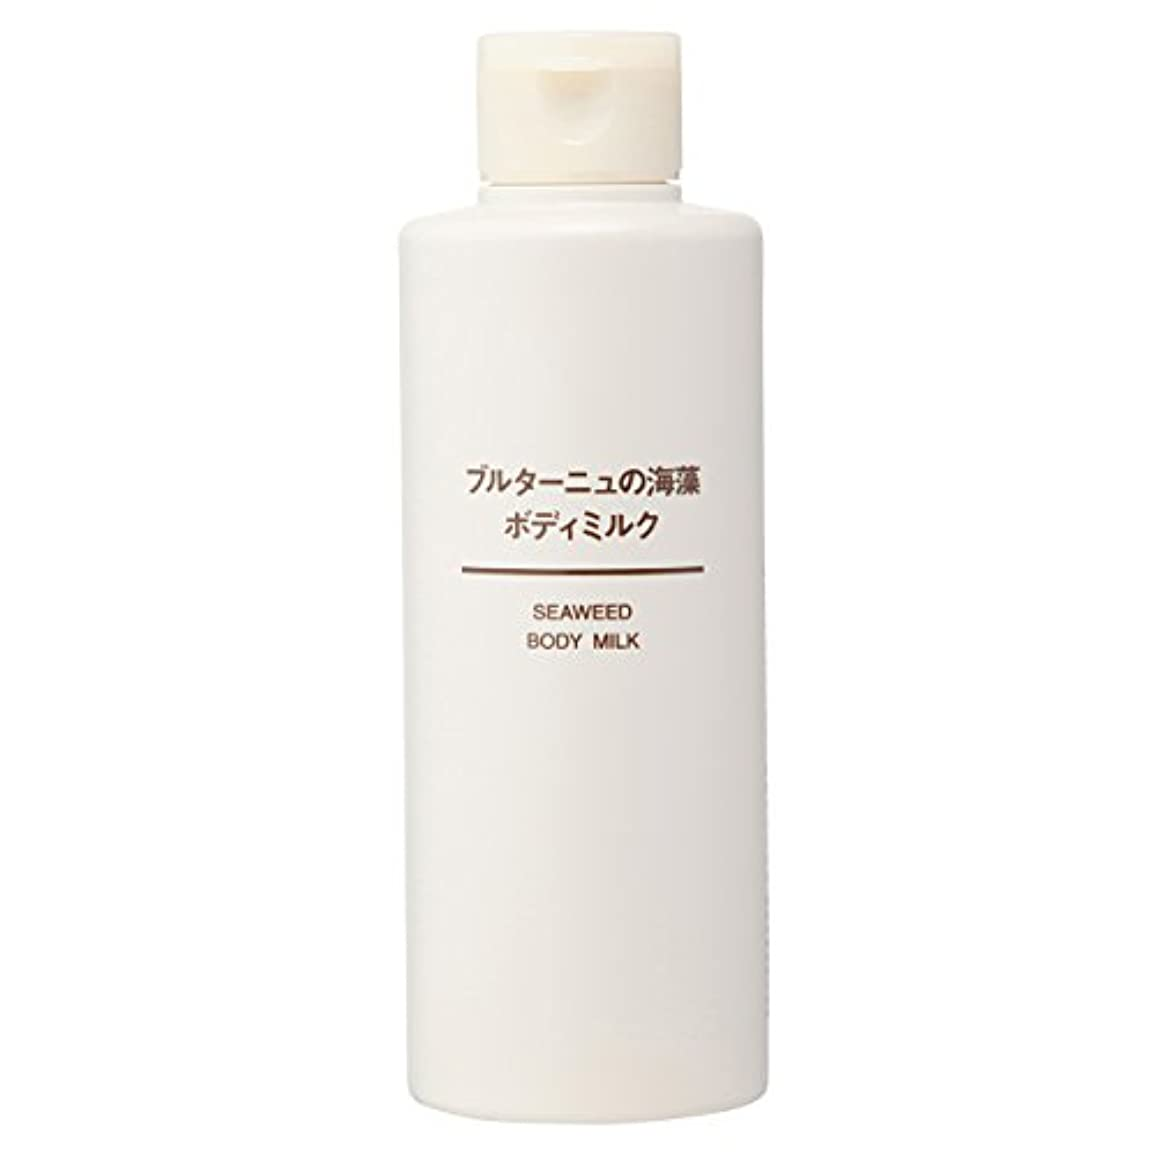 建物掃除時折無印良品 ブルターニュの海藻 ボディミルク 200ml 日本製